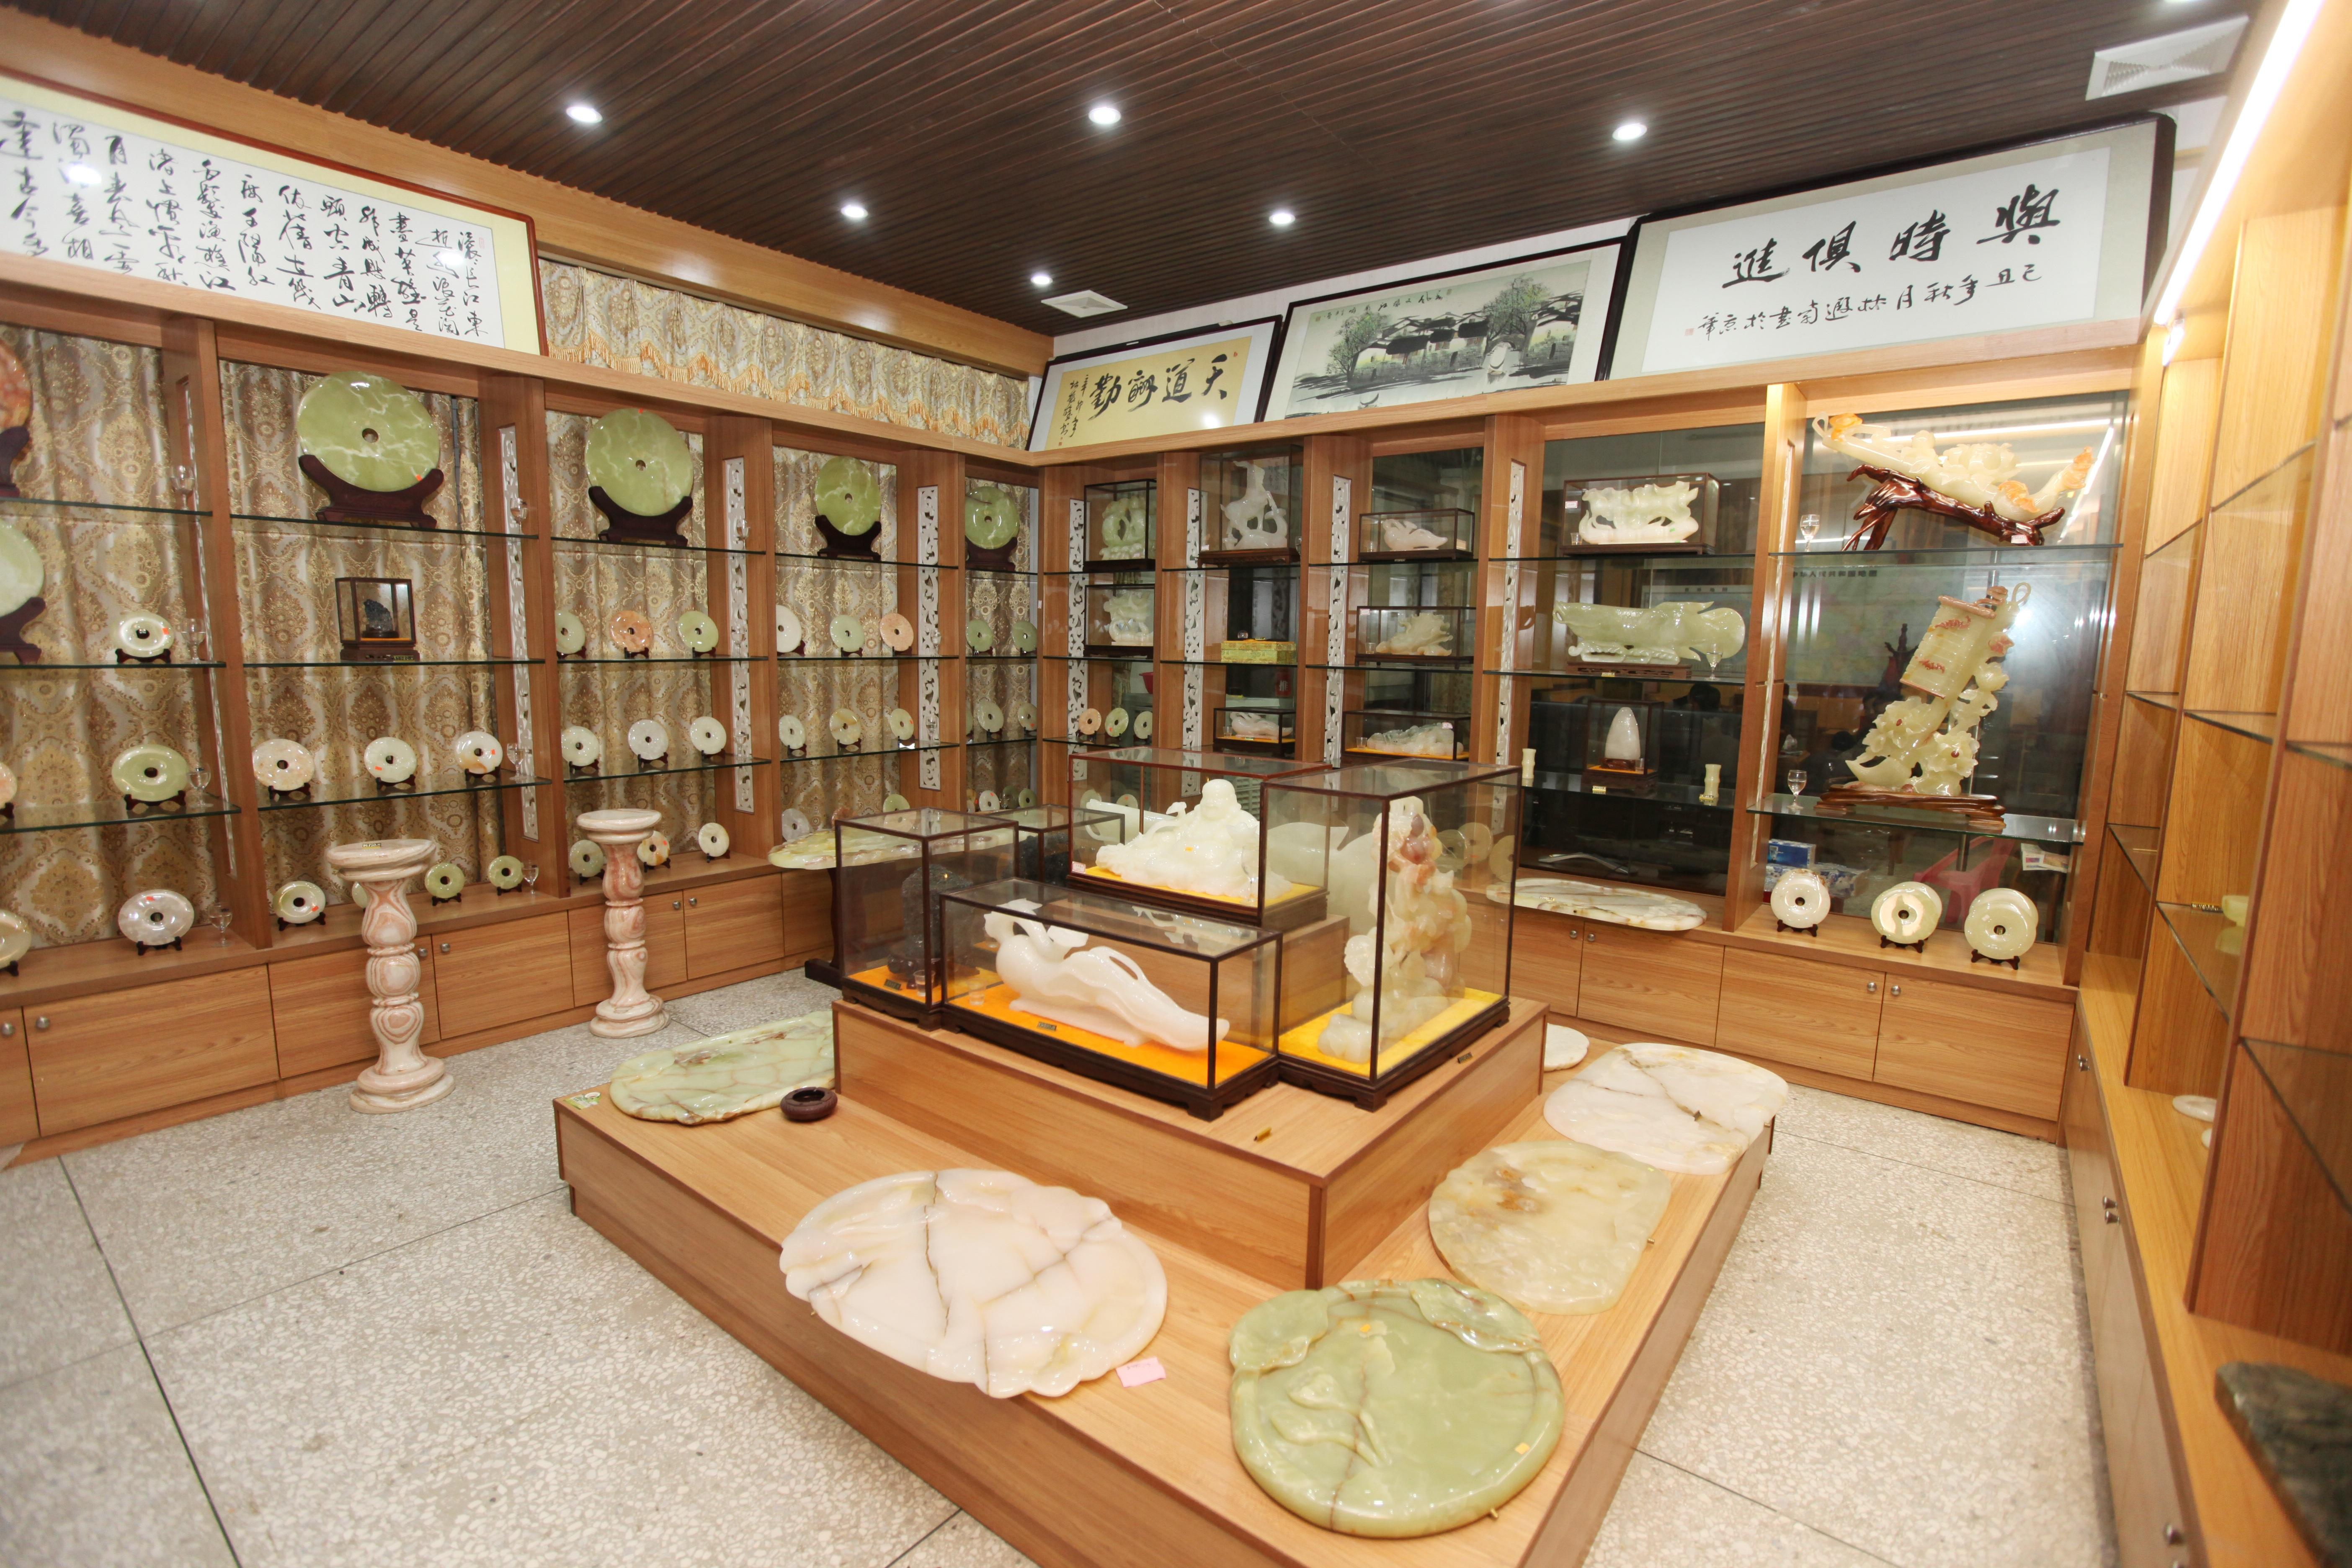 Fotos Gratis Dise O De Interiores Lujo Artesan A Inmuebles  # Muebles Jade Cali